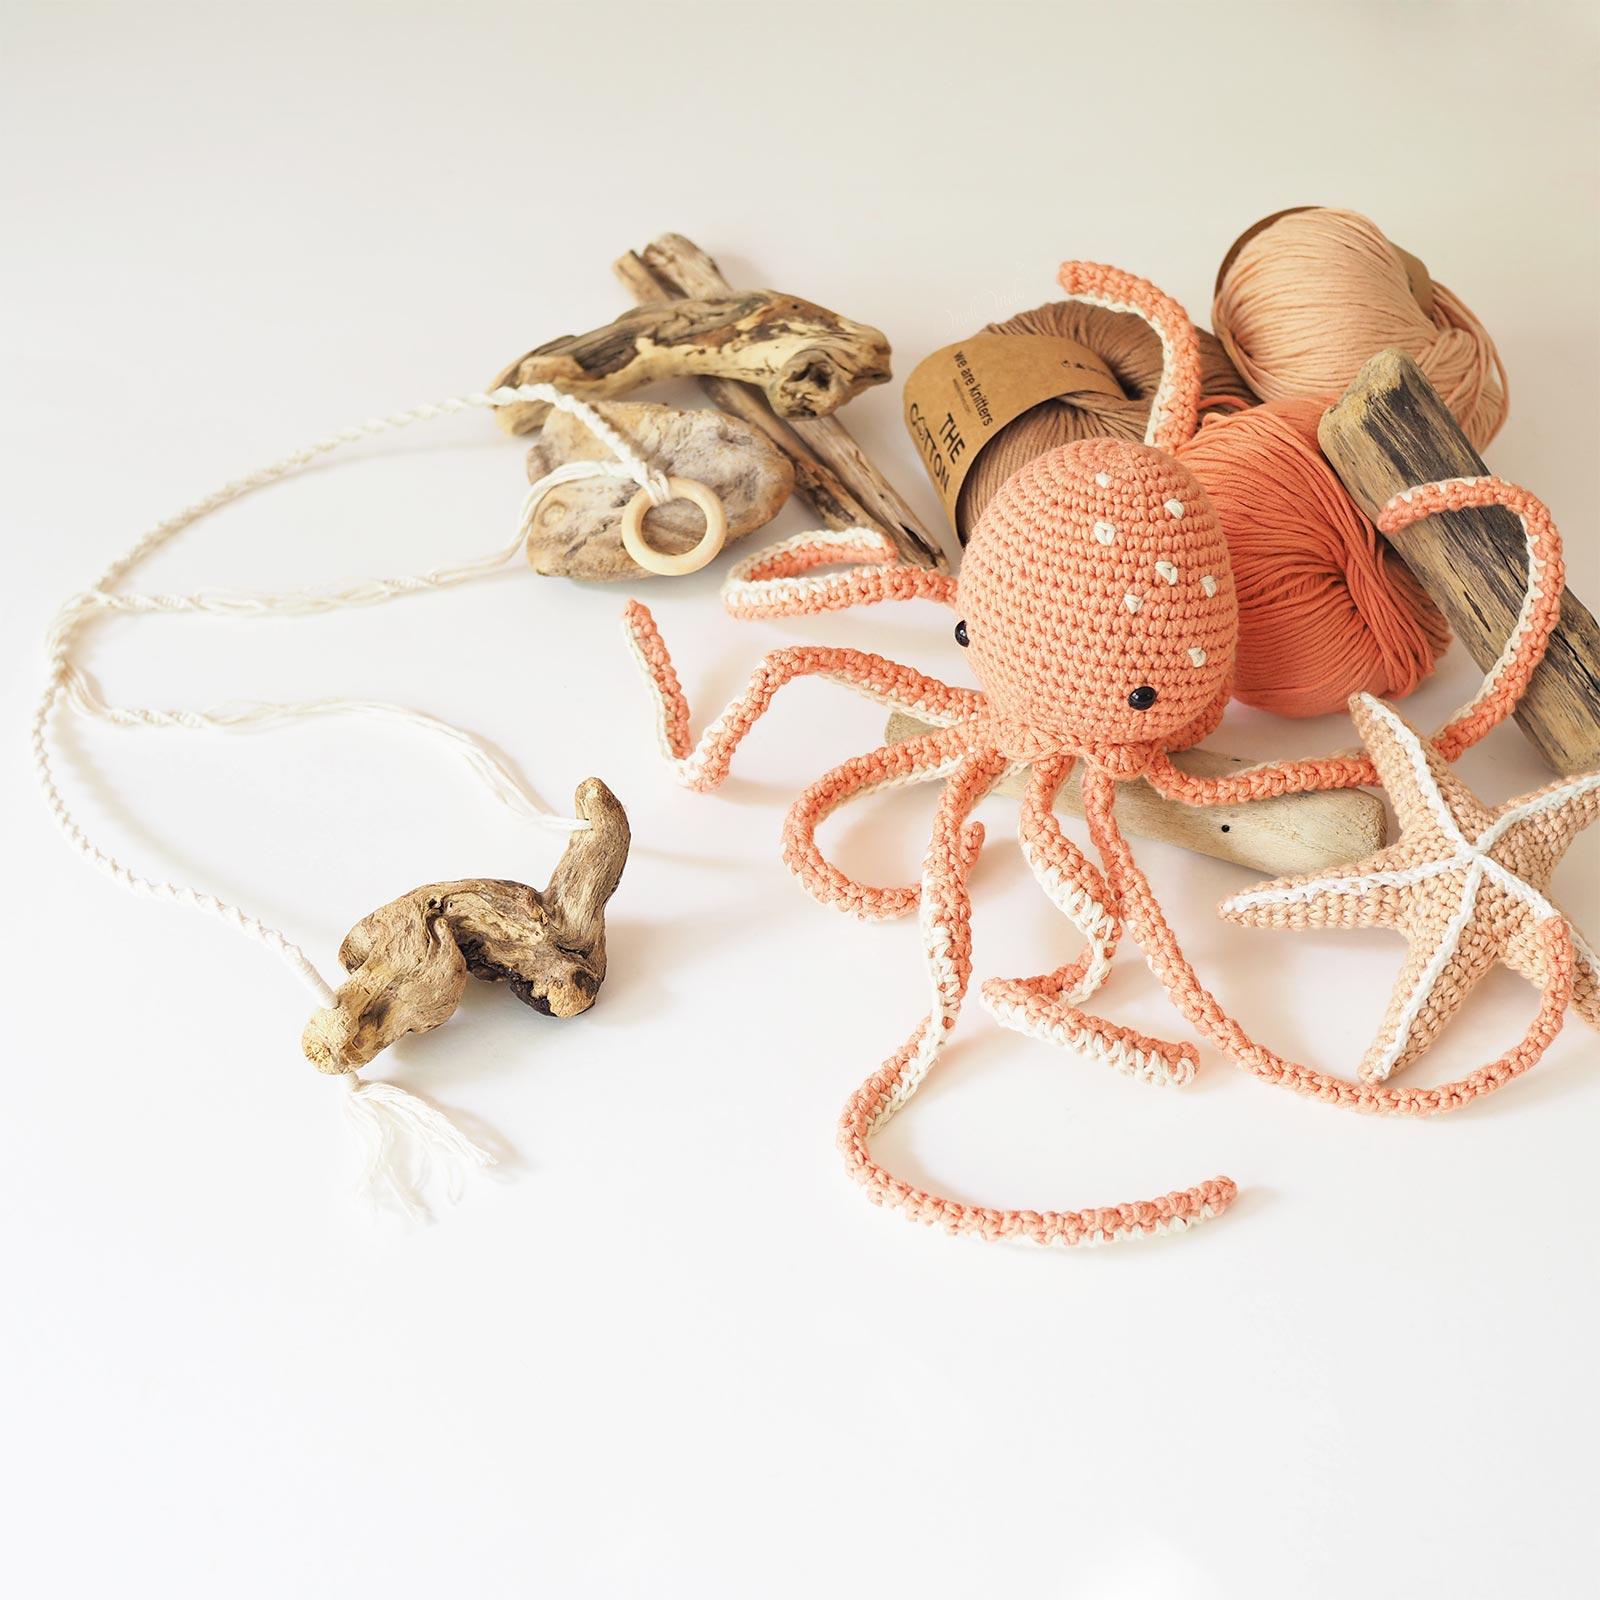 octopus pieuvre poulpe crochet ceropegia woodii bois flotté laboutiquedemelimelo